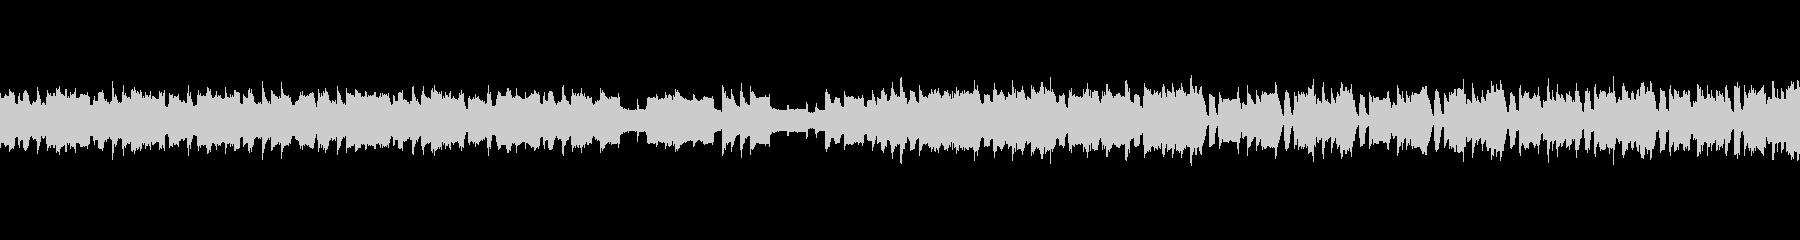 ループ レトロRPG-洞窟ダンジョン狂気の未再生の波形